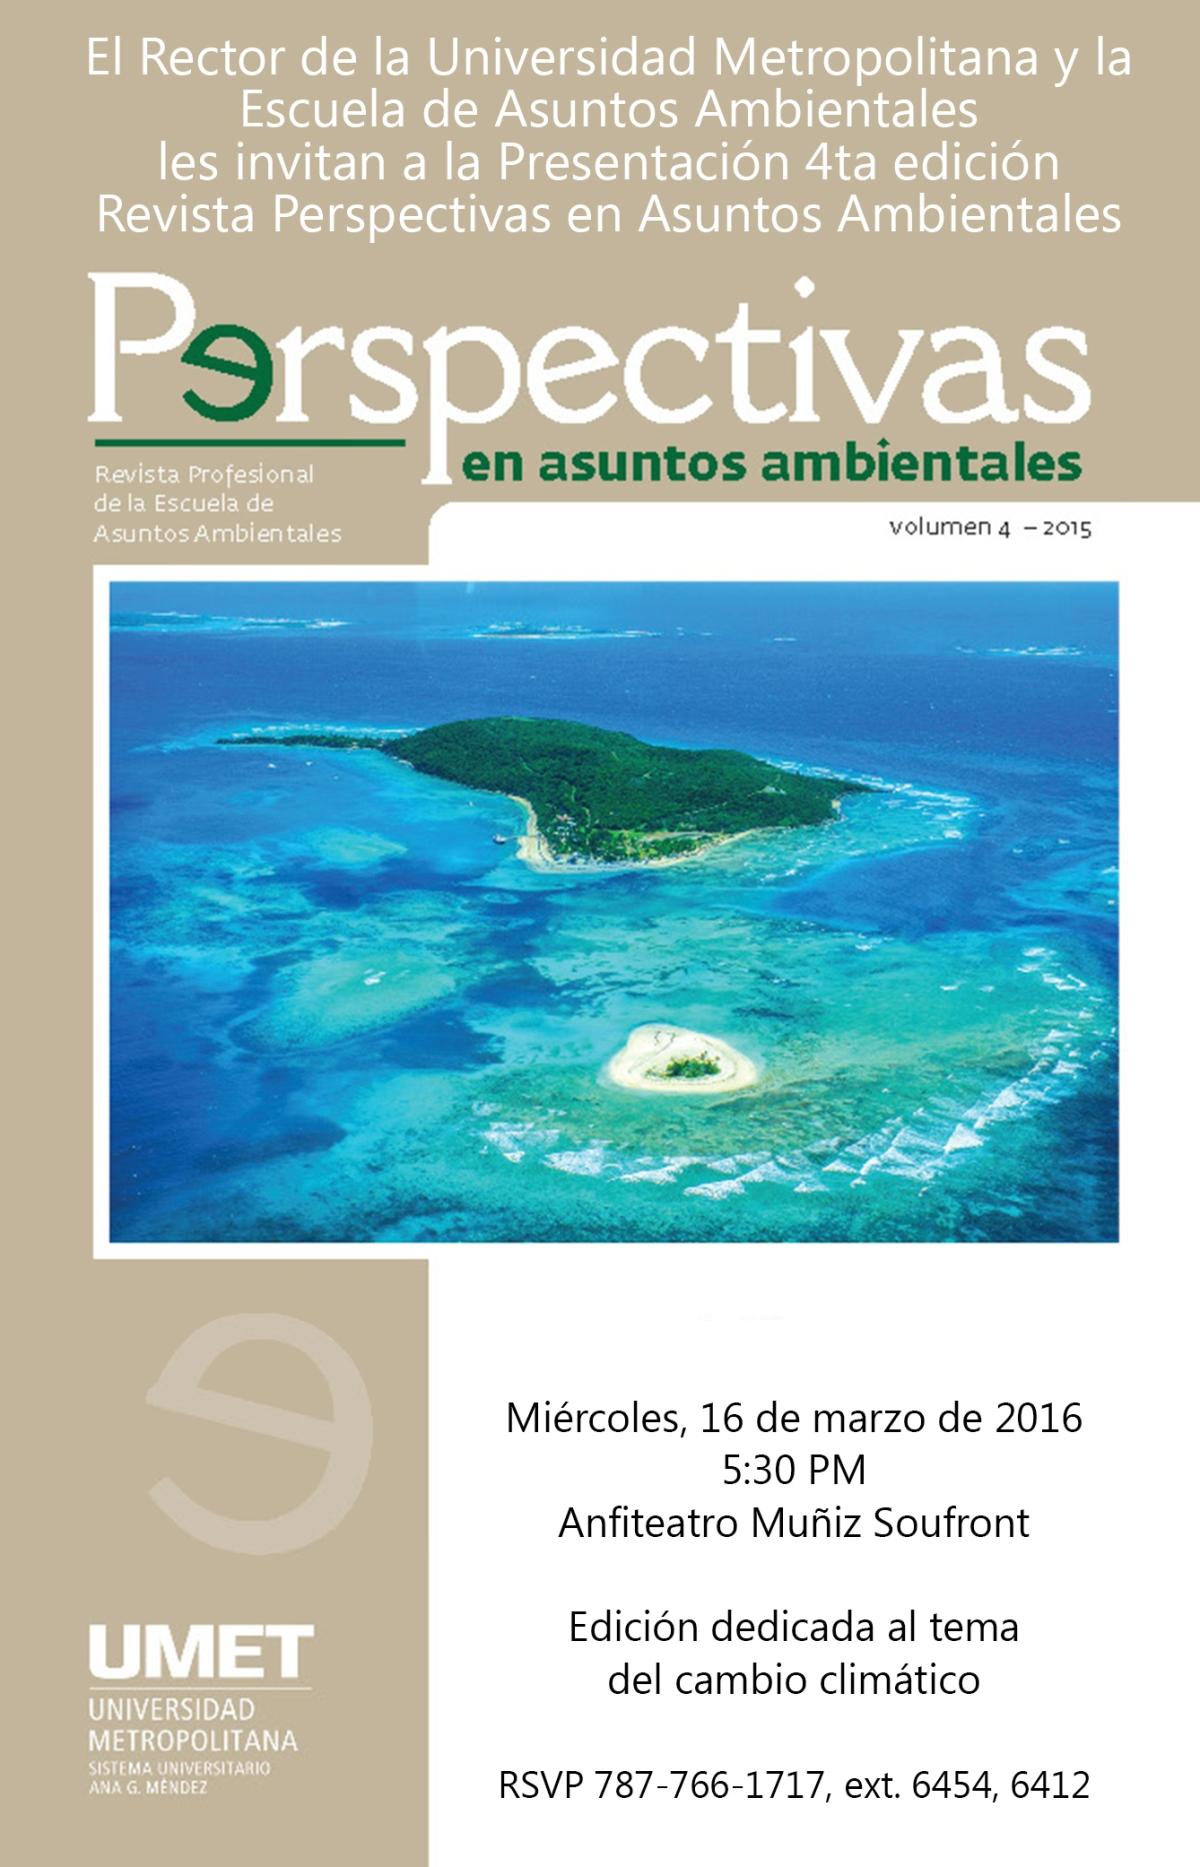 4ta edición de la revista Perspectivas en Asuntos Ambientales dedicada al cambio climático